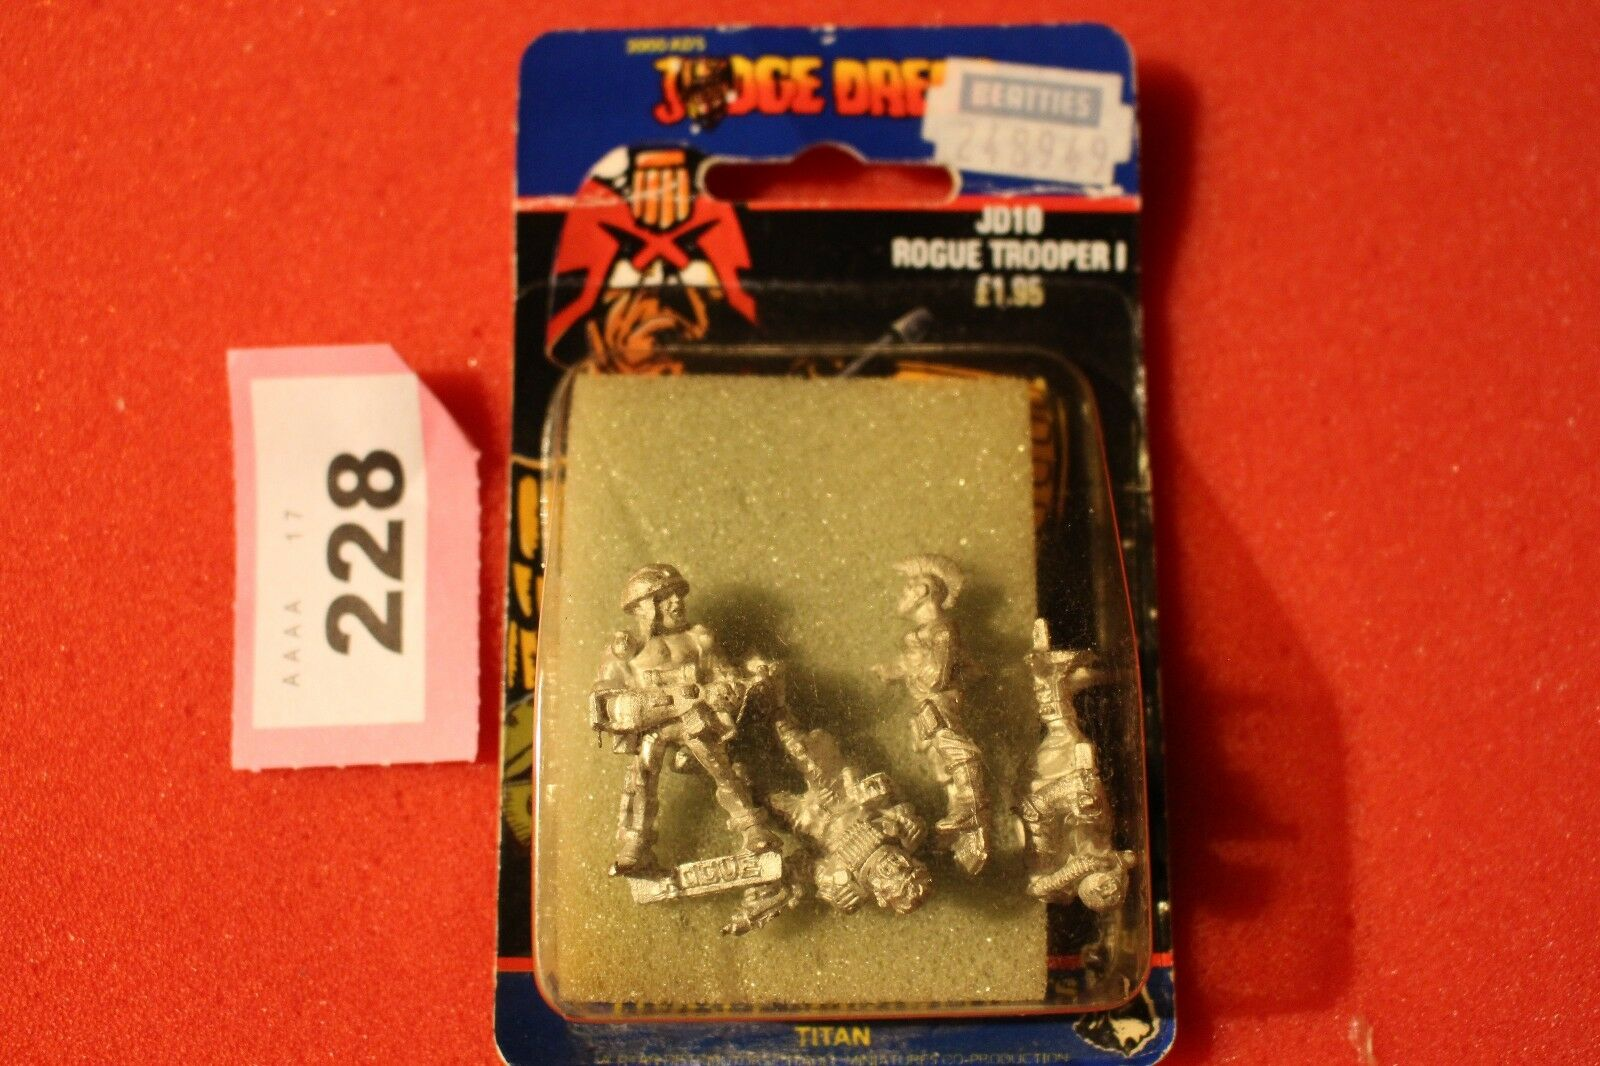 CITTADELLA JD10 GIUDICE DrossoD Rogue era Troopers 4 FIGURE IN METALLO NUOVO CON SCATOLA NUOVO fuori catalogo 200 D.C.